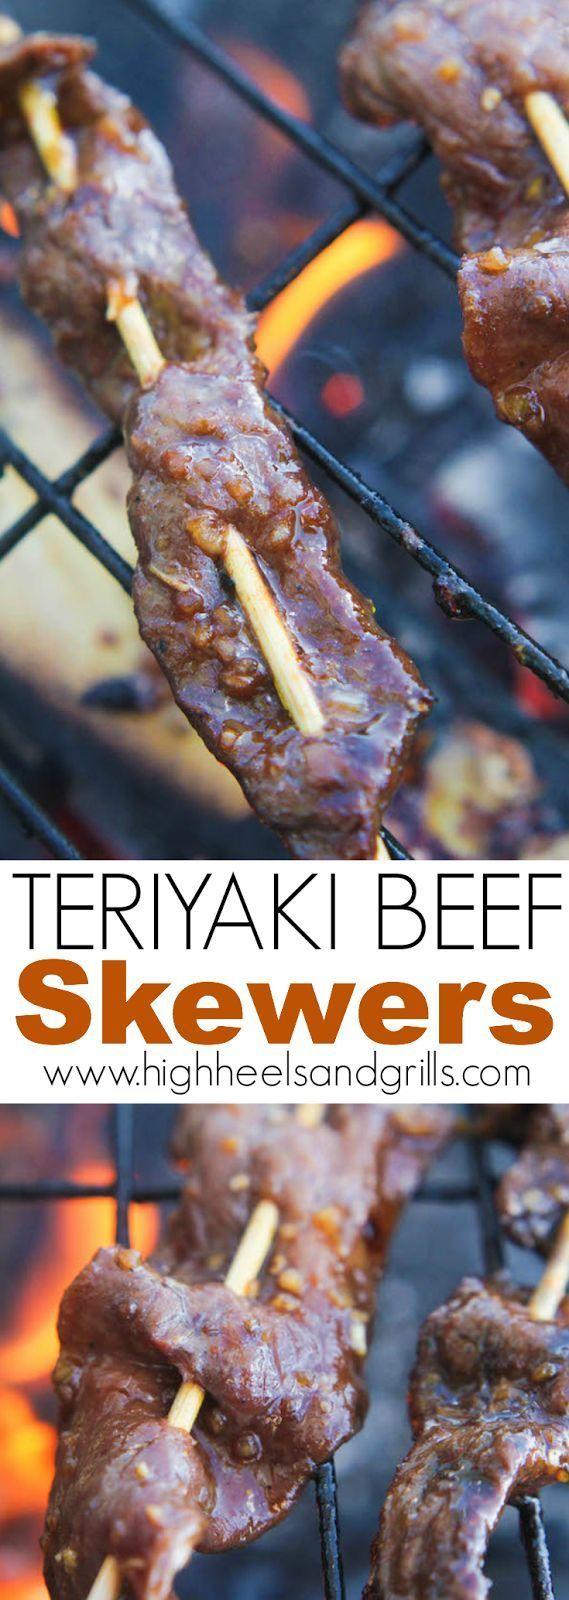 Teriyaki Beef Skewers | High Heels and Grills